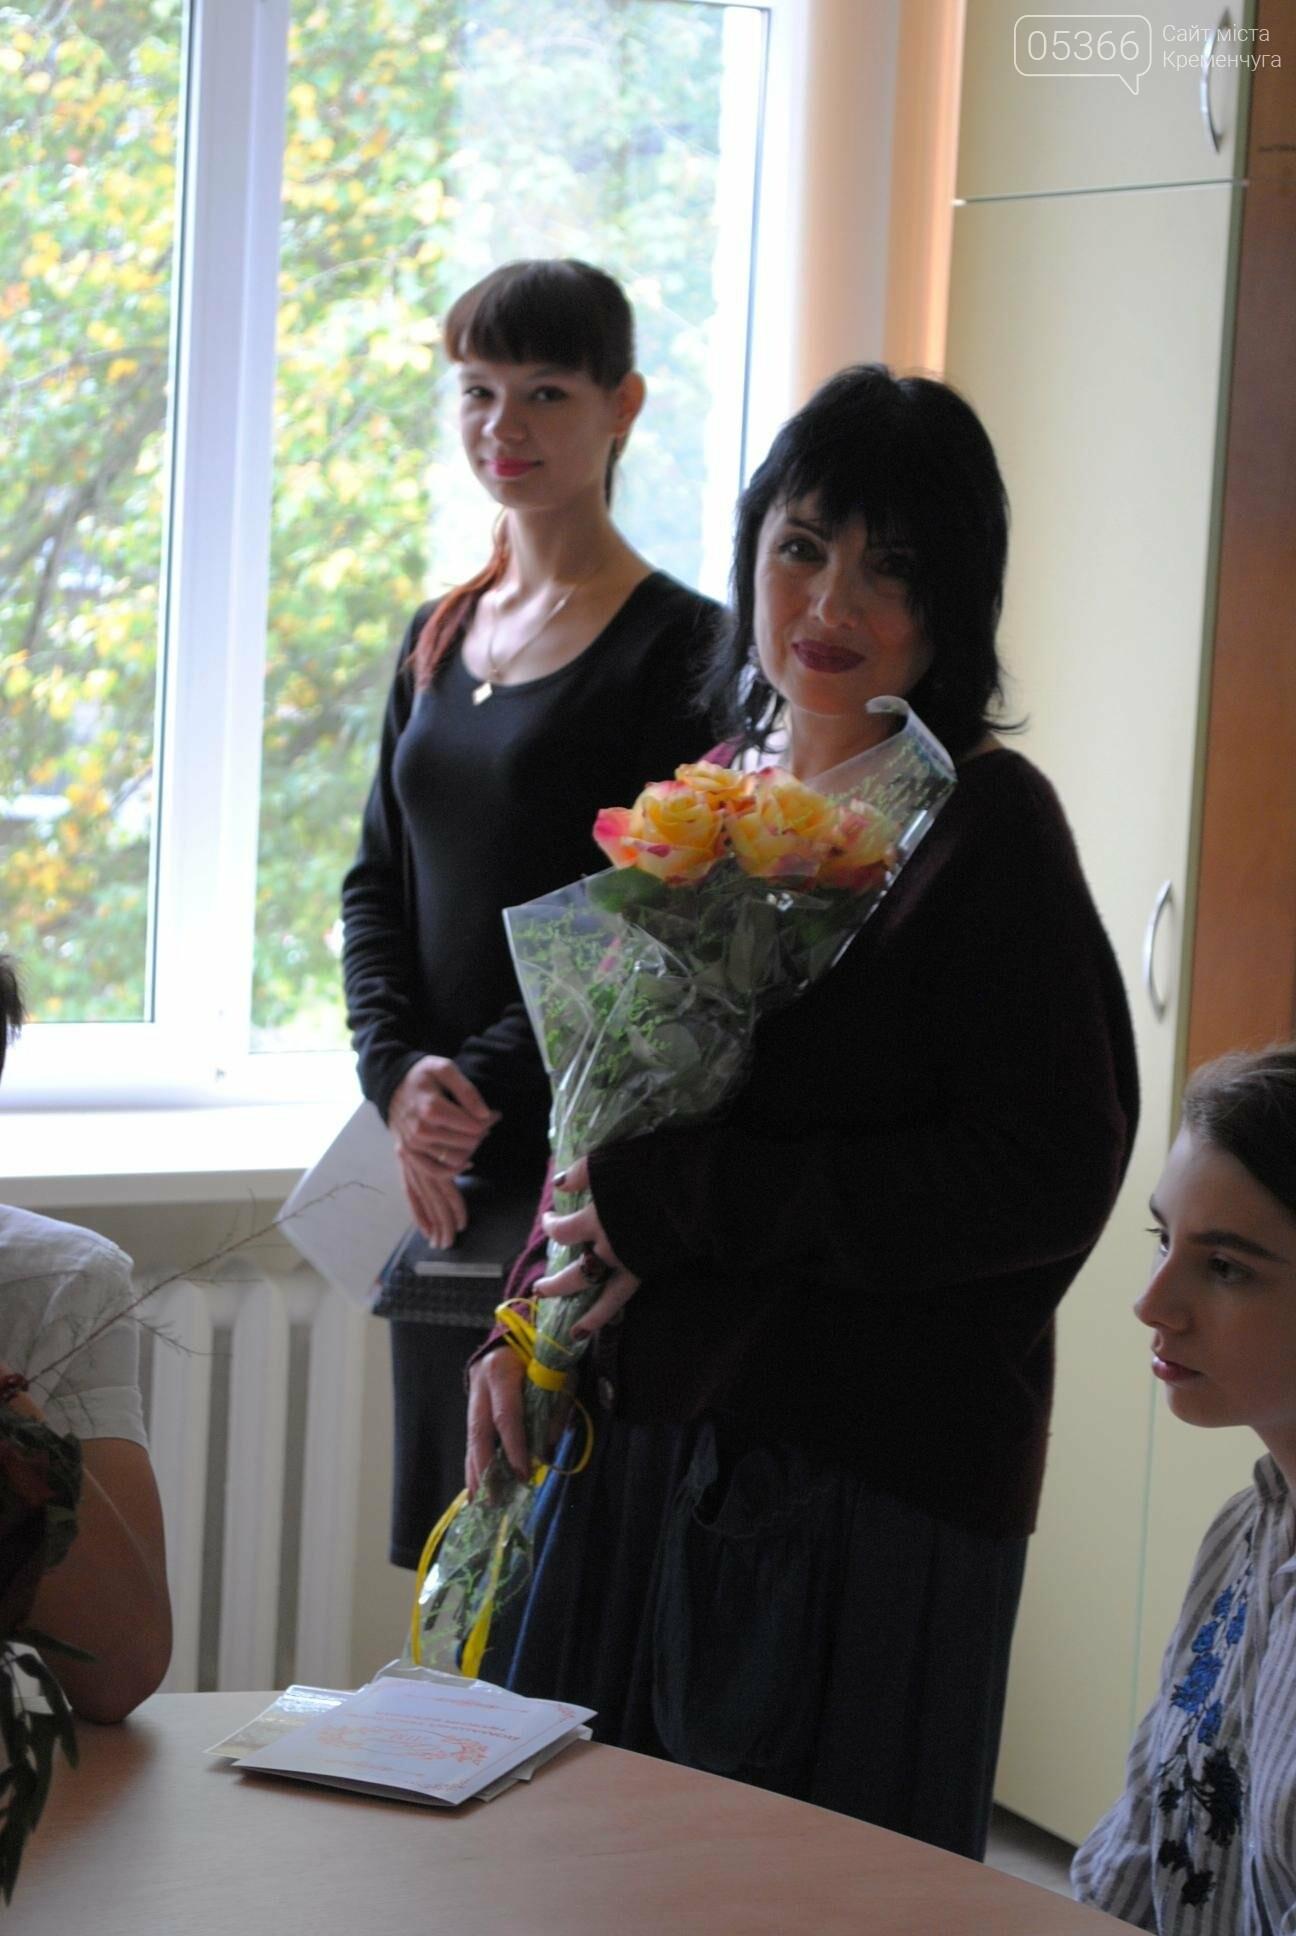 Лучший подарок для учителя - признание и любовь учеников (ФОТО), фото-5